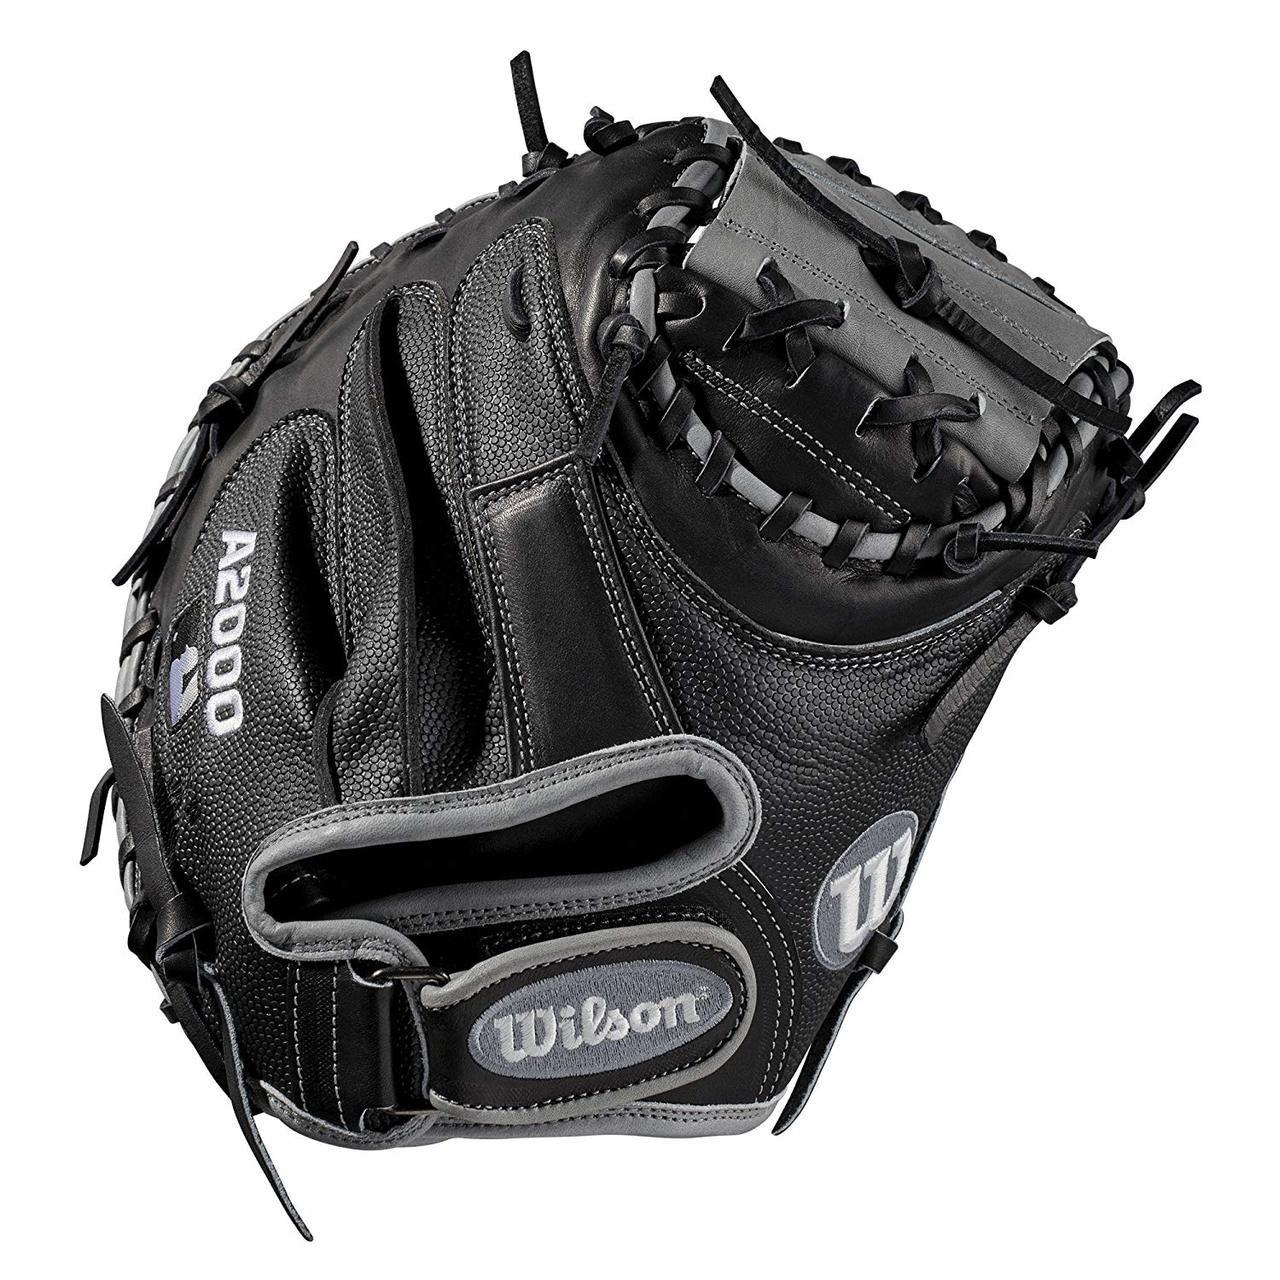 30e2f664371 Wilson A2000 1790SS Catchers Mitt 2019 Right Hand Throw 34 - Ballgloves